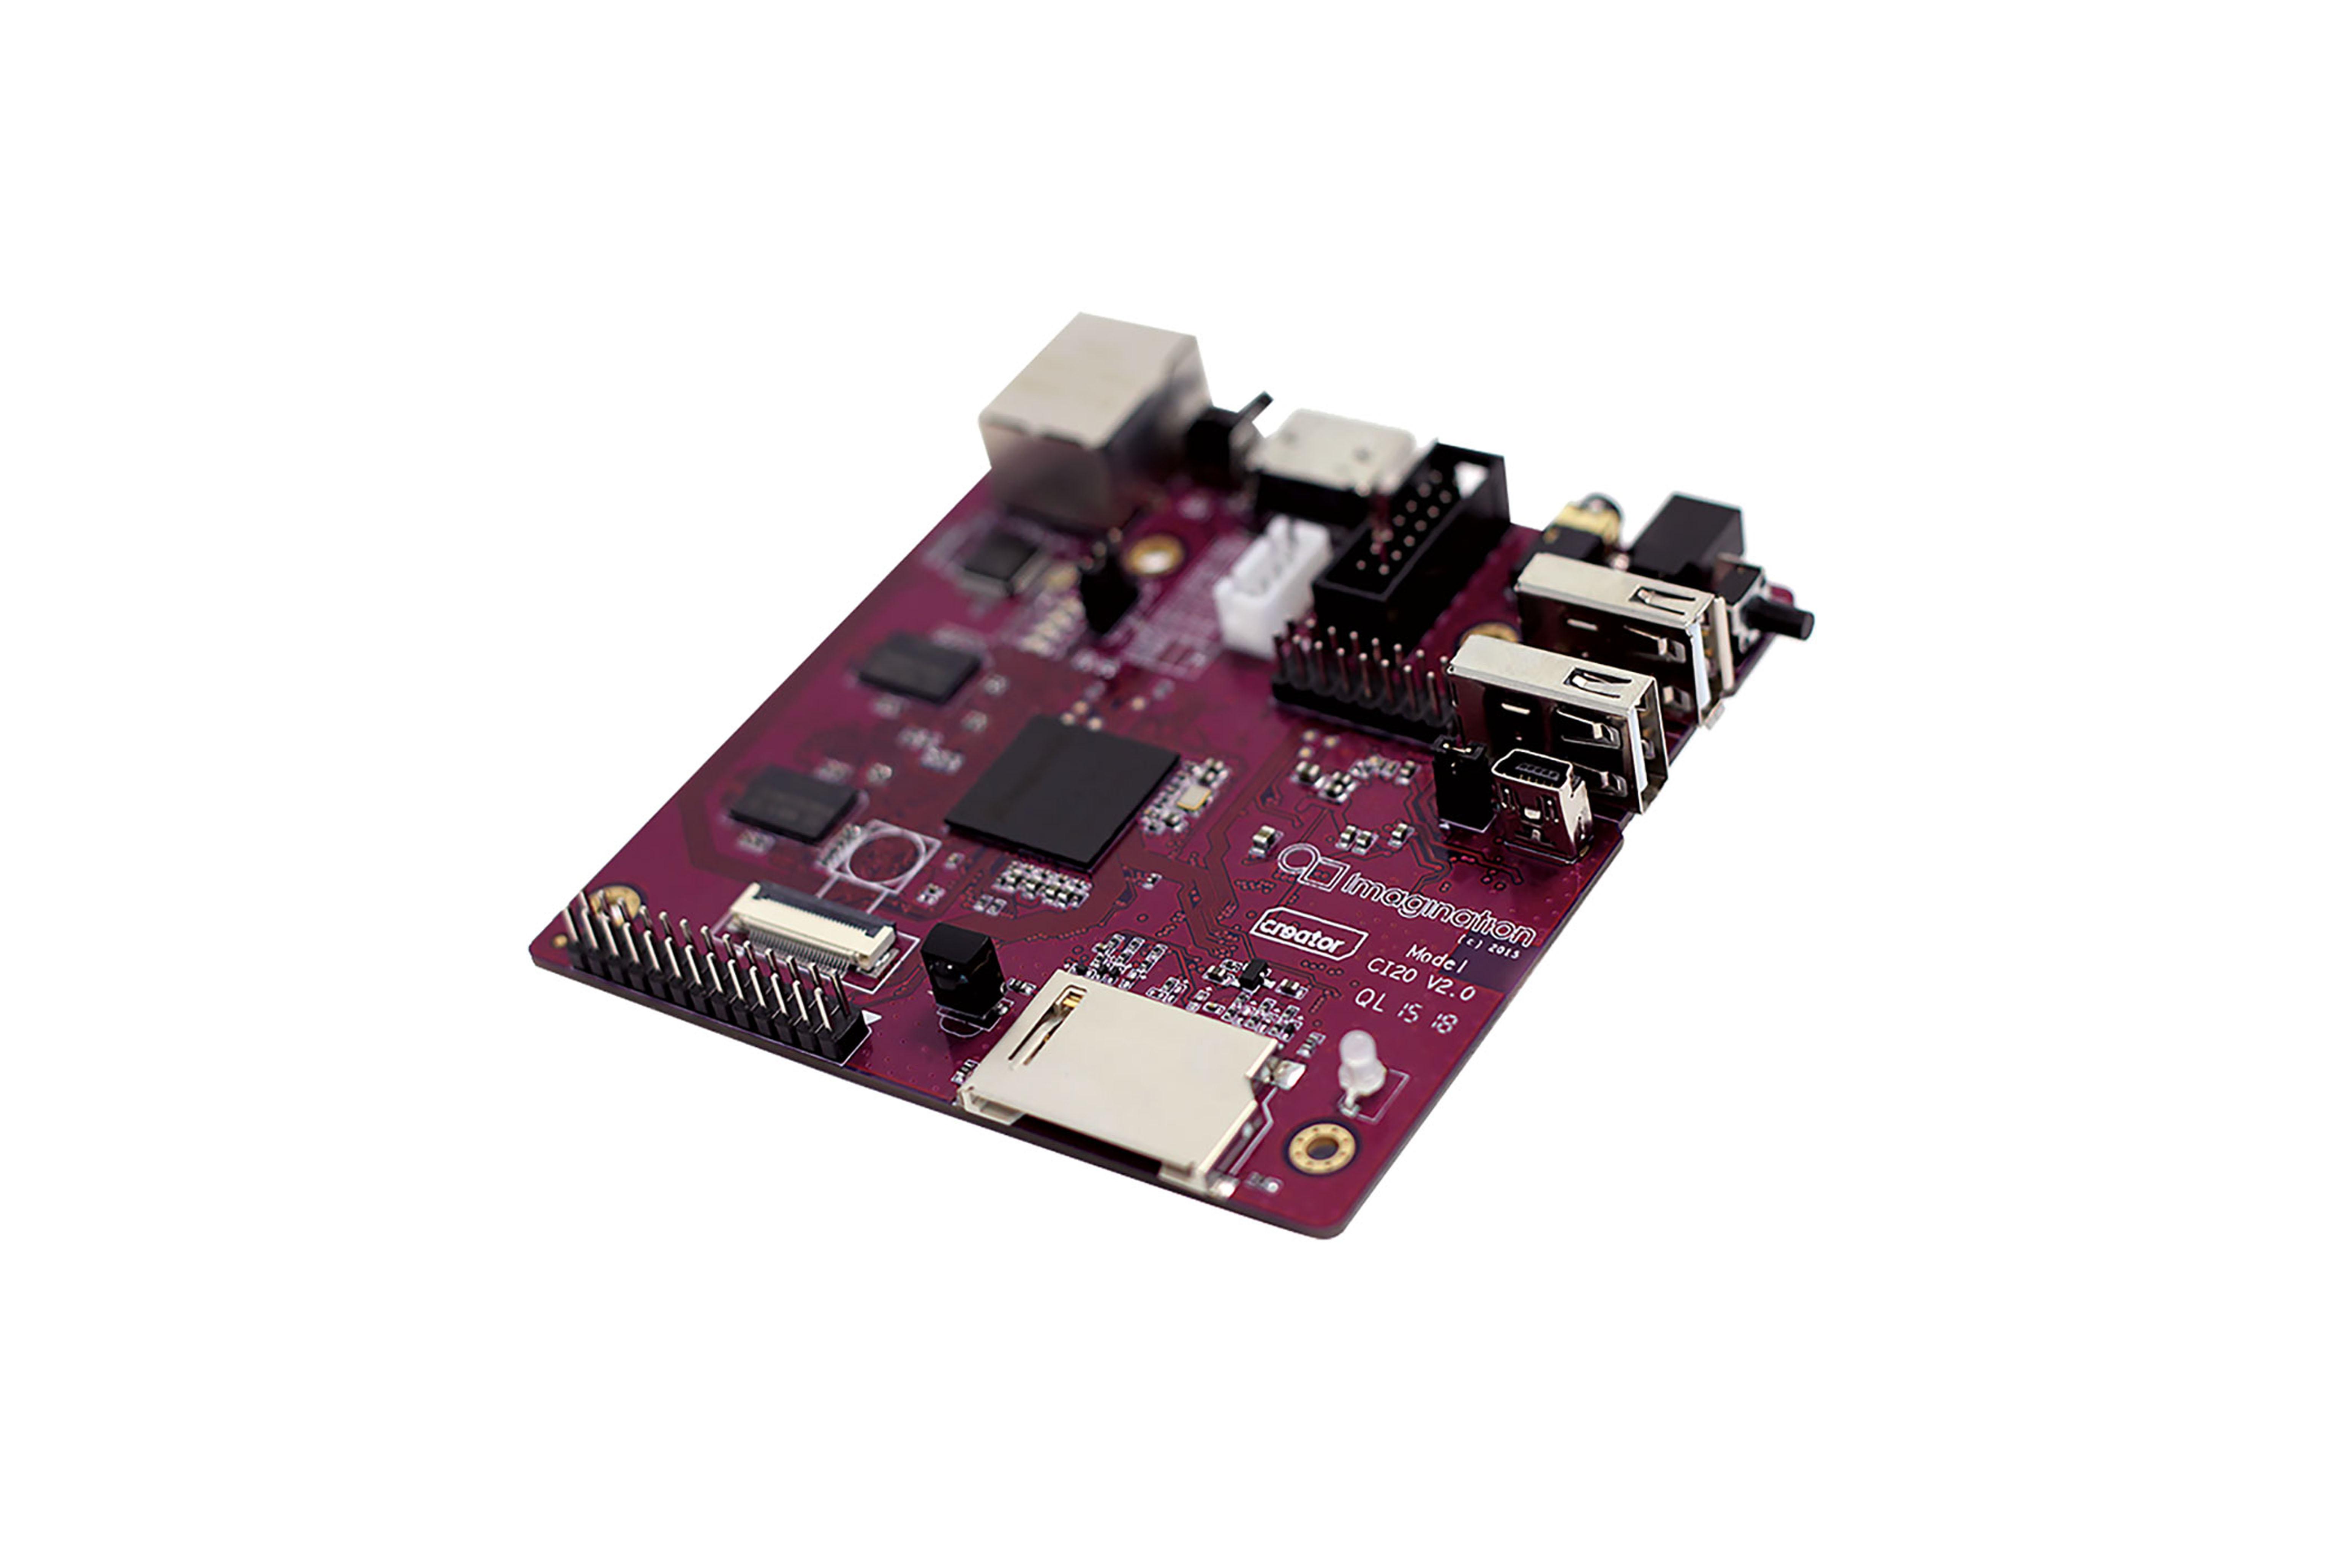 クリエイター Ci20 Linux / Android コンピューターボード